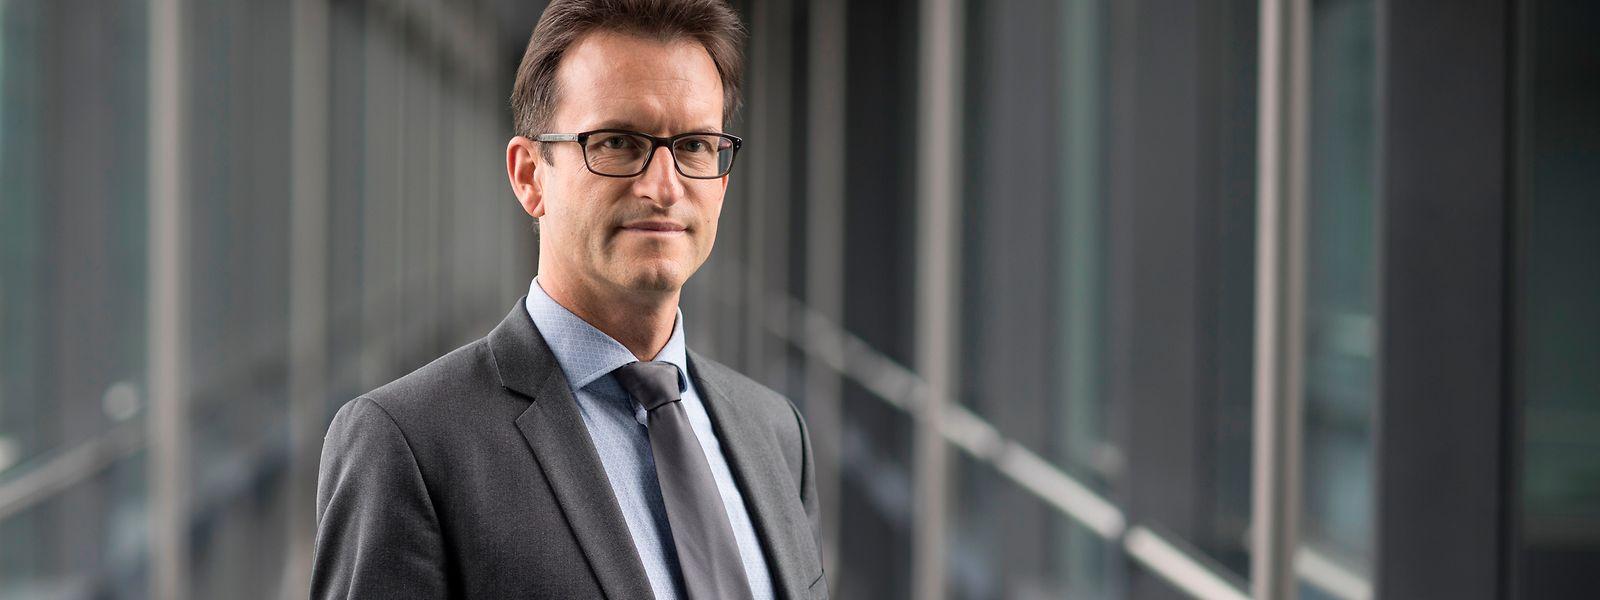 Der Direktor der Handelskammer, Carlo Thelen, moniert, dass die Regierung bei ihrer langfristigen Haushaltsplanung nicht auf Nachhaltigkeit setzt.